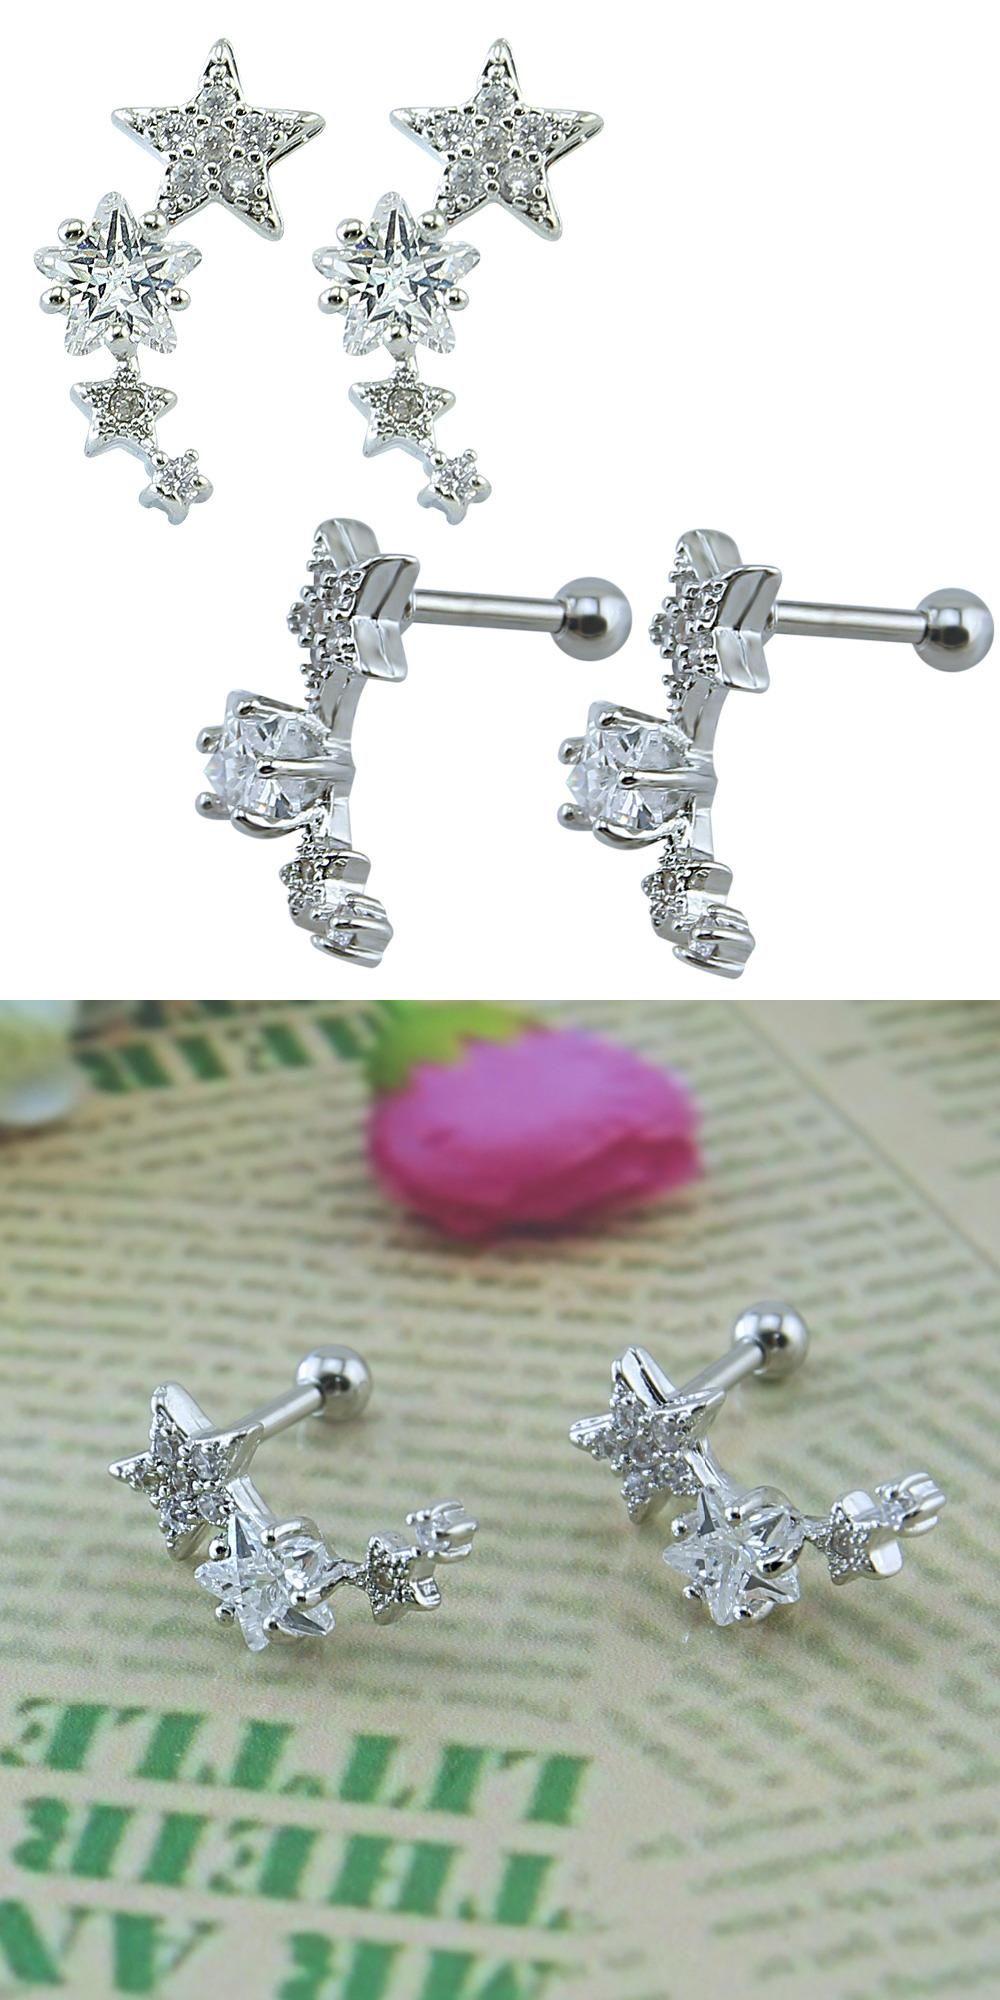 Body piercing earrings  Visit to Buy Meteor Star Earrings Crystal Stud earrings Cartilage